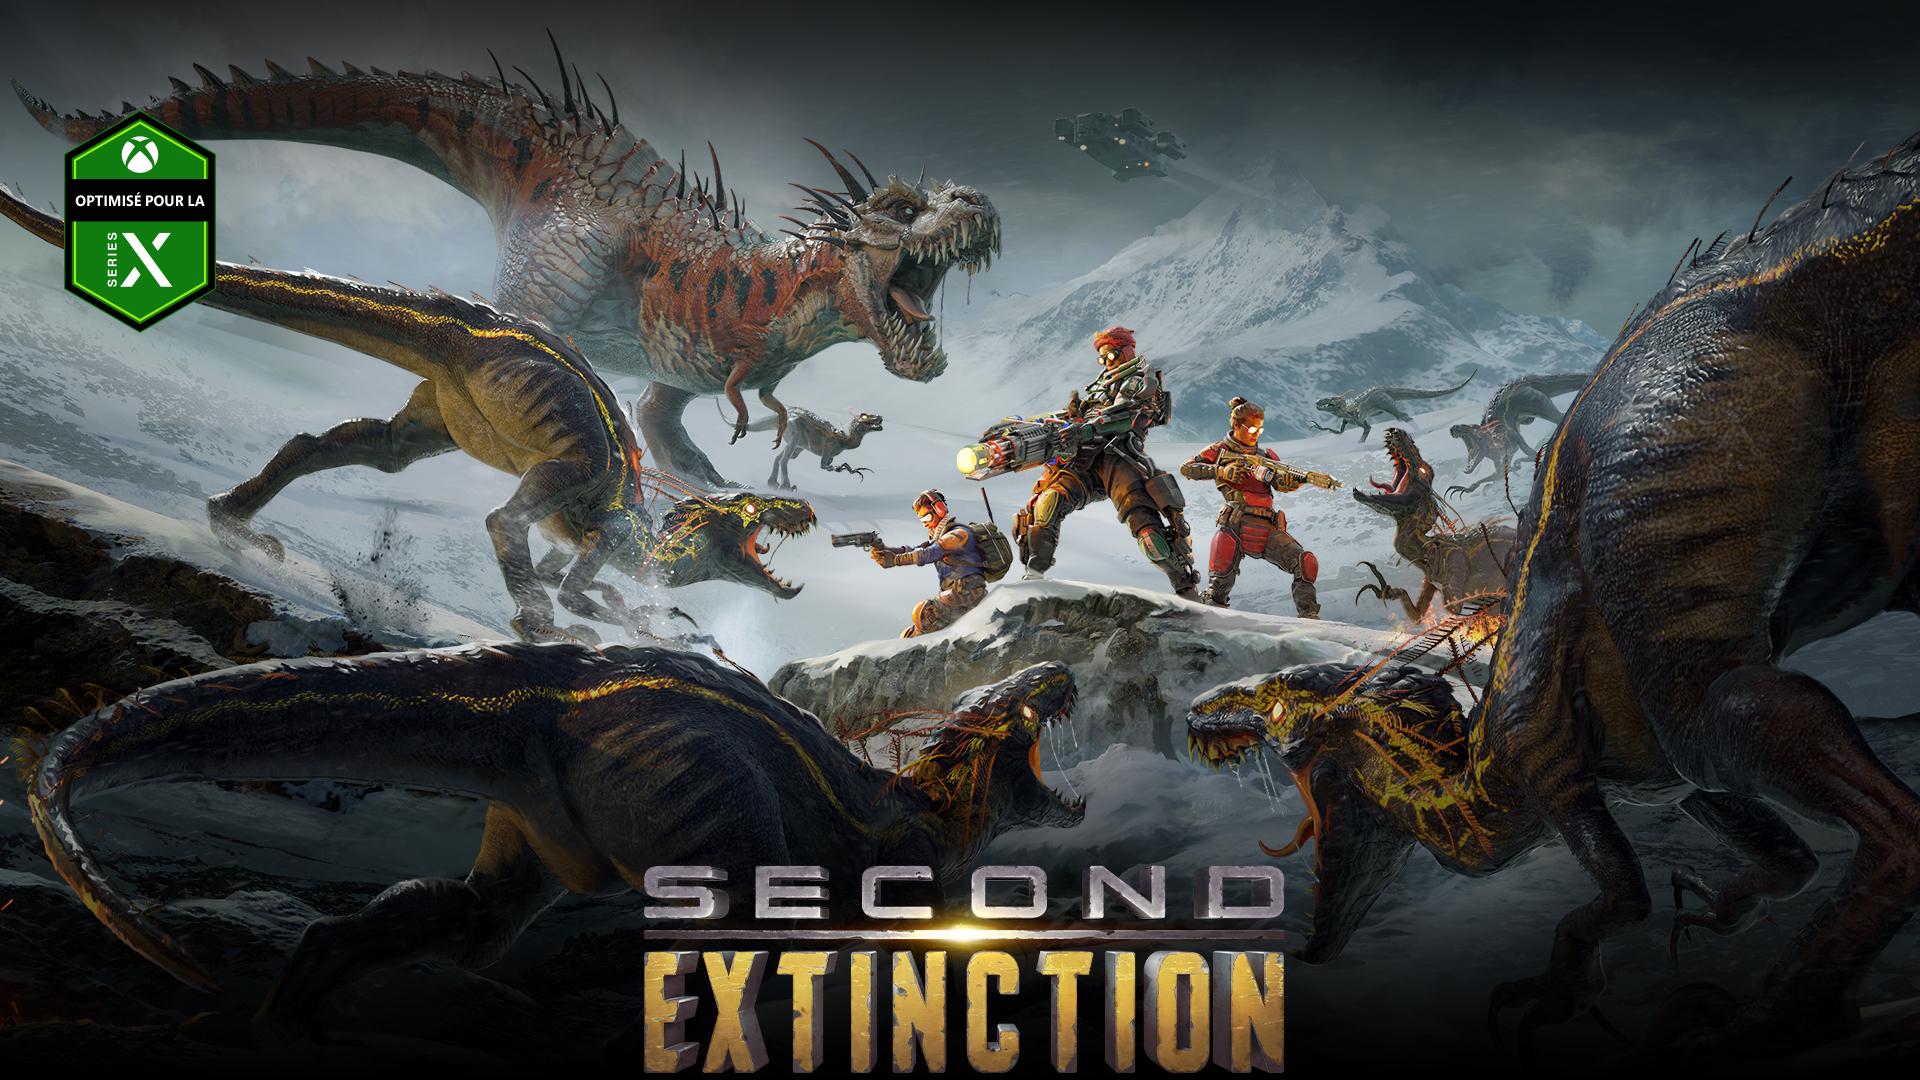 Second Extinction, optimisée pour la Series X, un groupe de personnages s'oppose à un groupe de dinosaures.